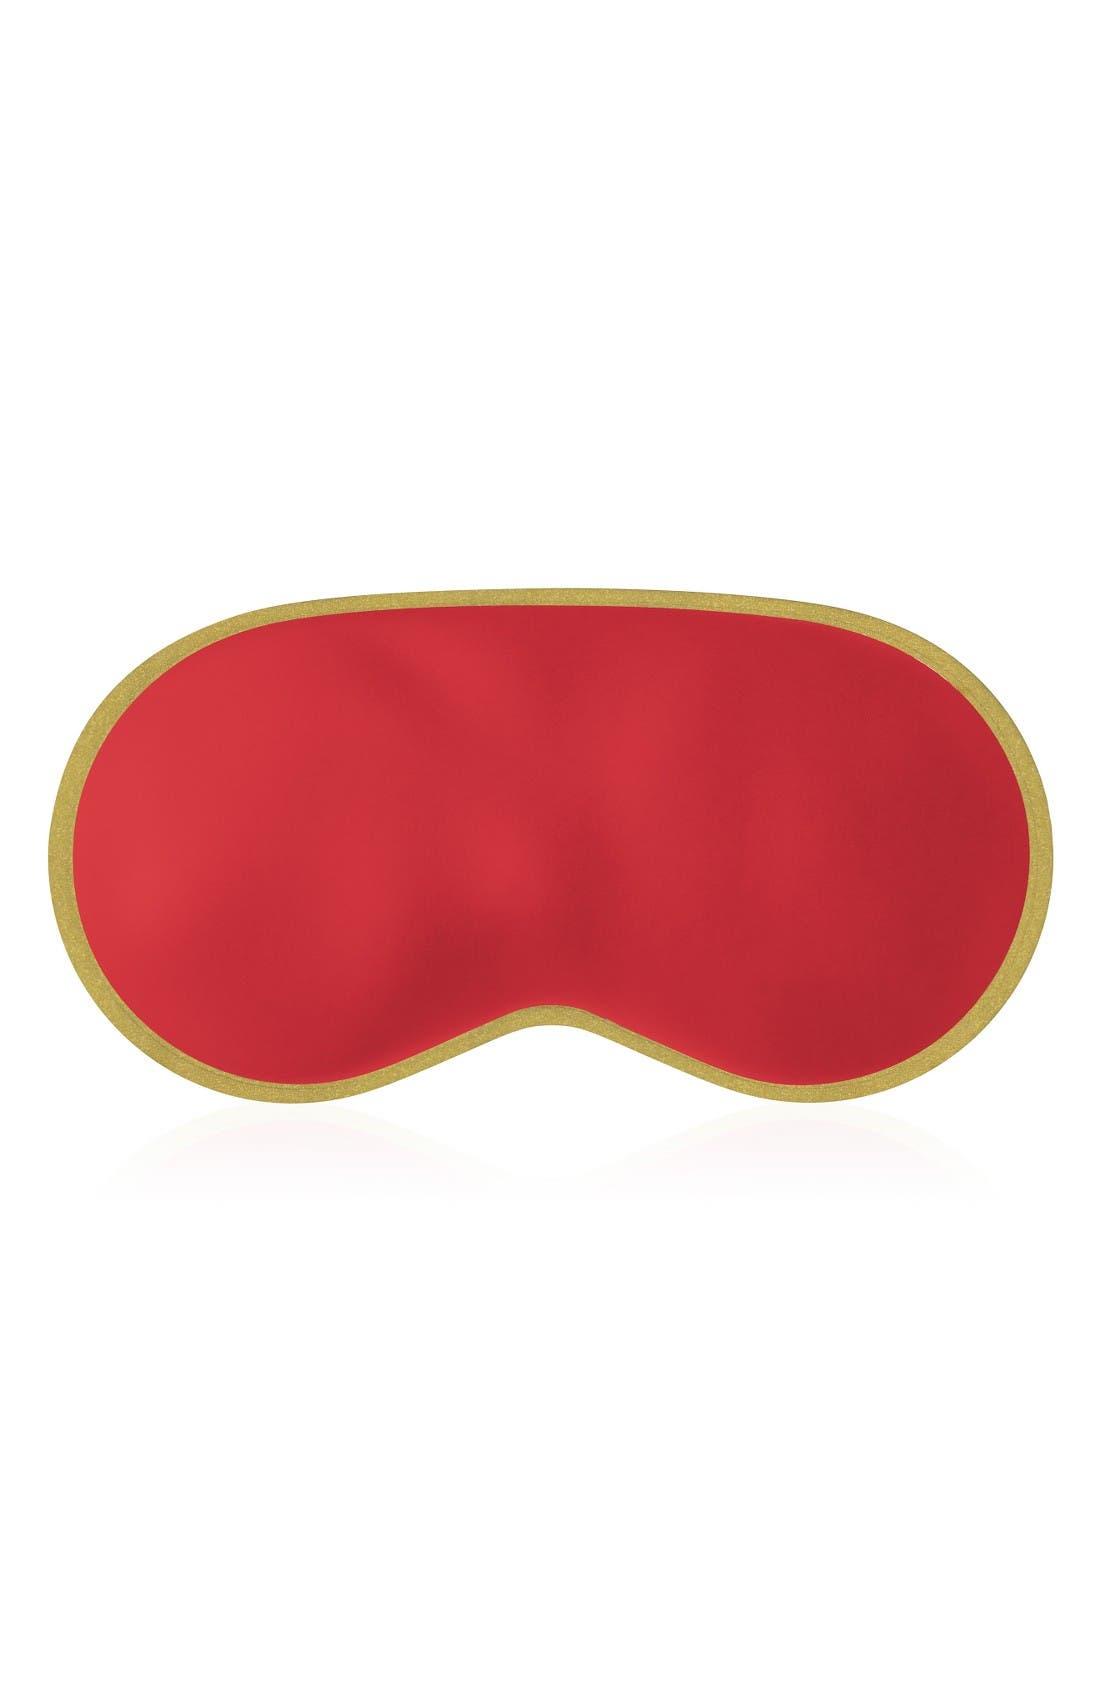 Alternate Image 2  - iluminage Red Skin Rejuvenating Eye Mask (Limited Edition)